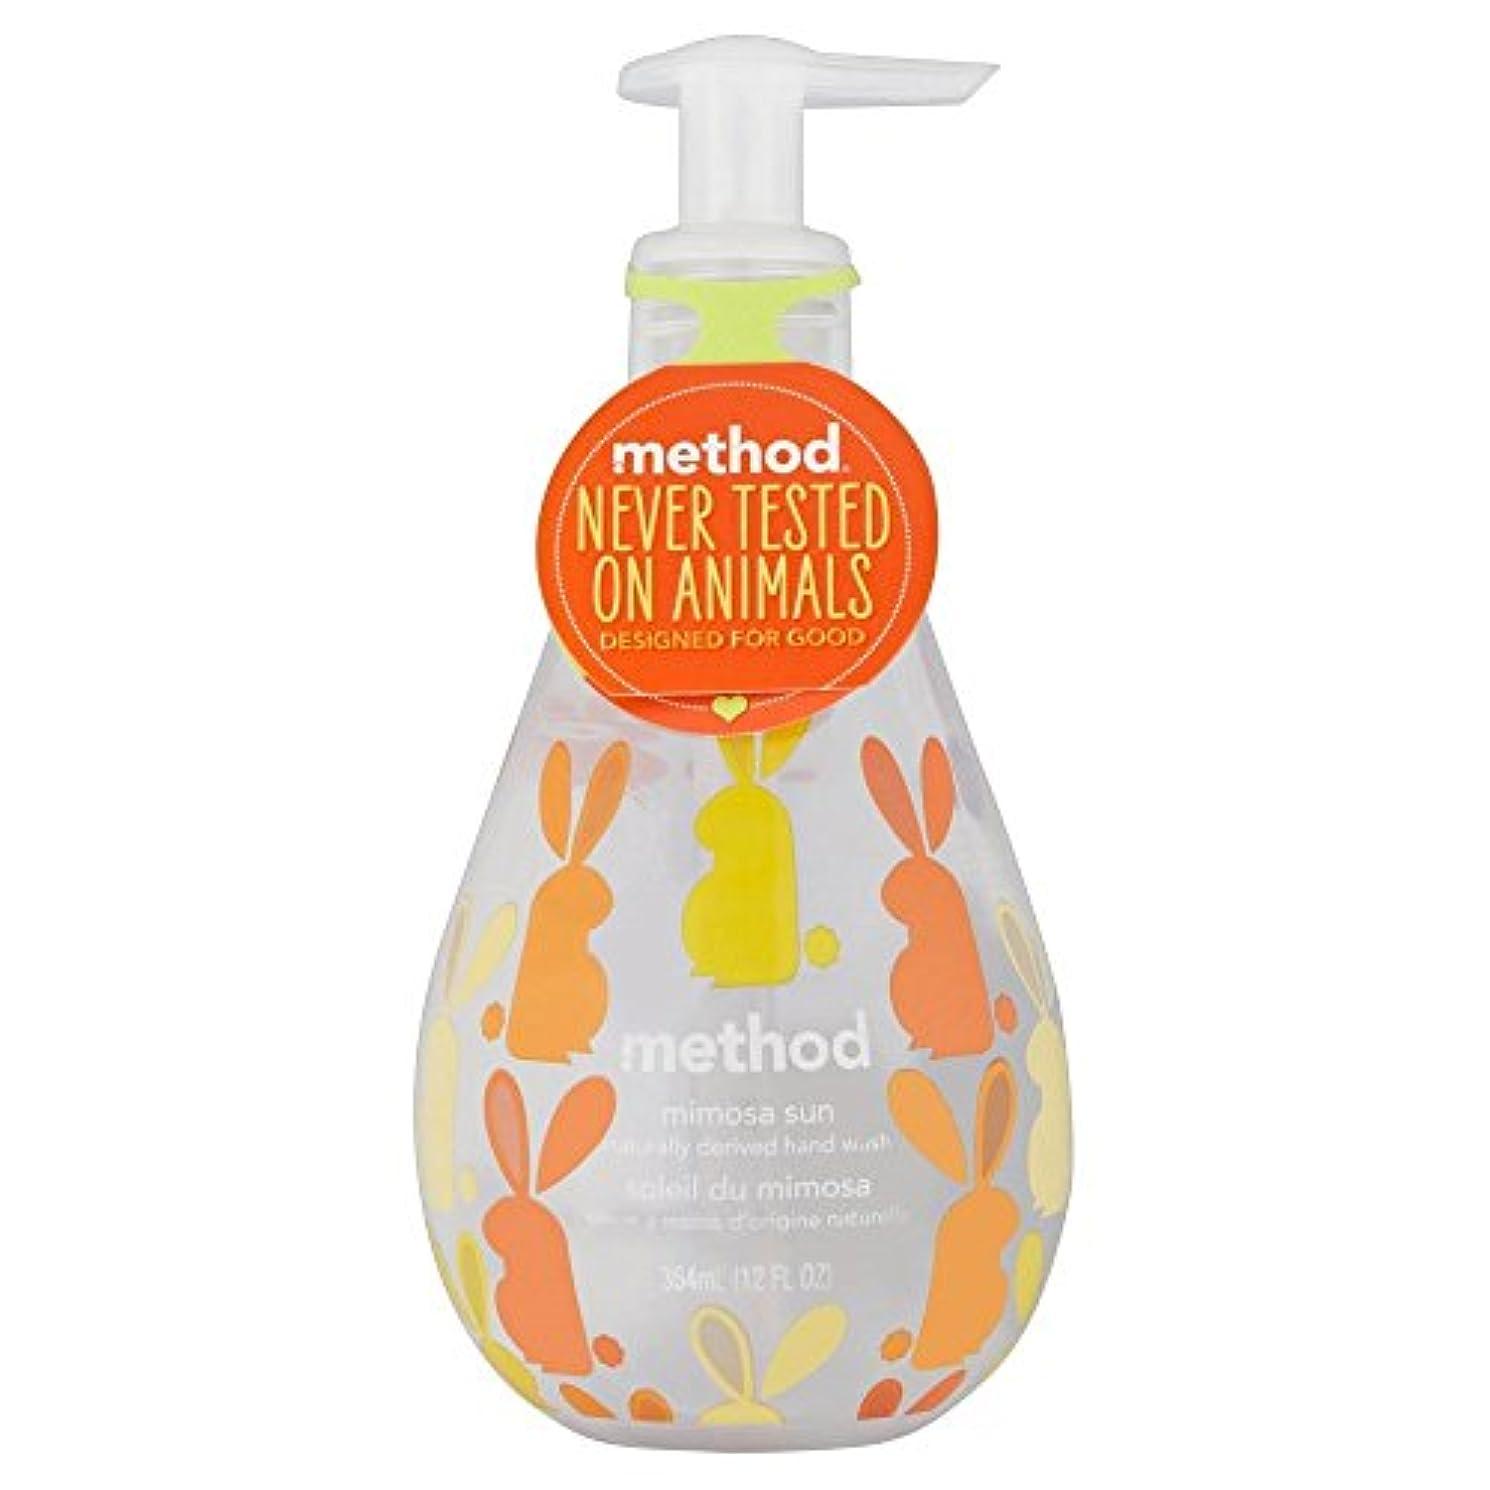 うんざりオープニング故国Method Hand Wash - Mimosa Sun (354ml) メソッドハンドウォッシュ - ミモザ日( 354ミリリットル) [並行輸入品]